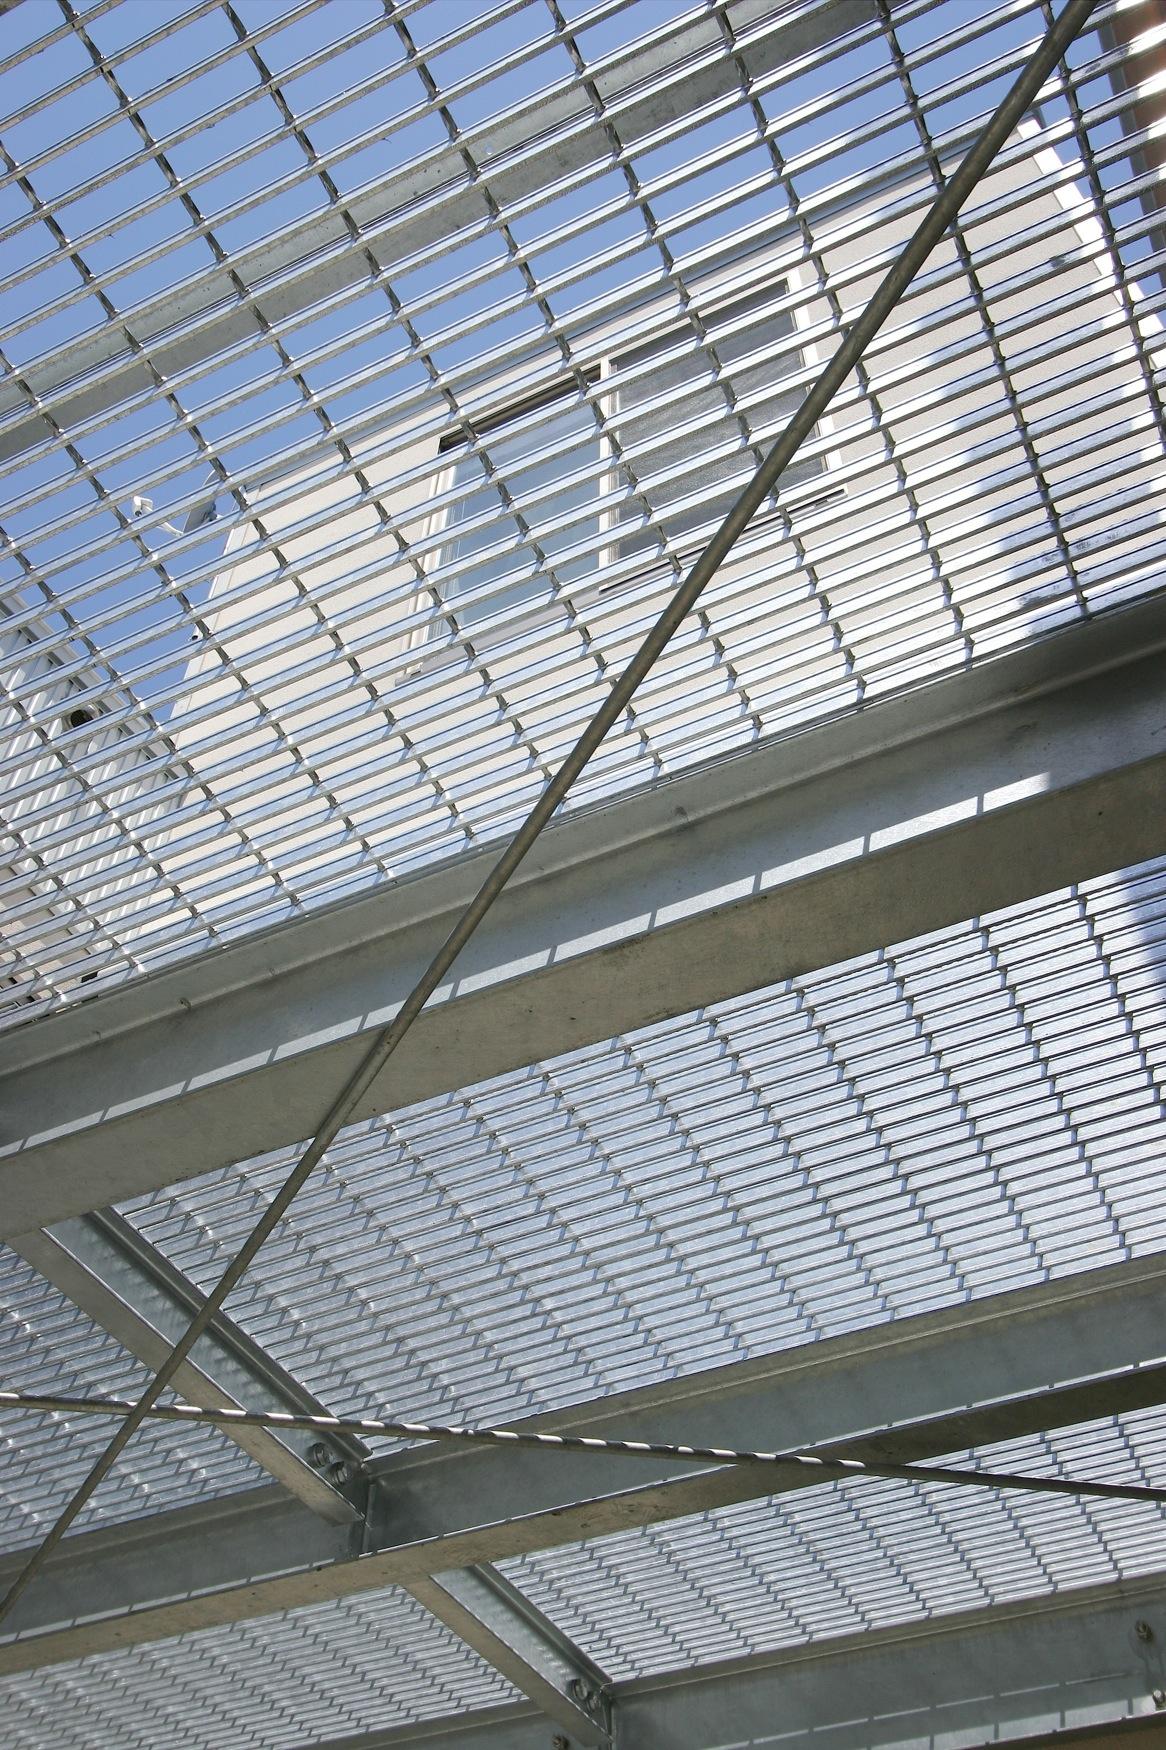 透明な屋根、貴重な床 Fevecasa フェブカーサ